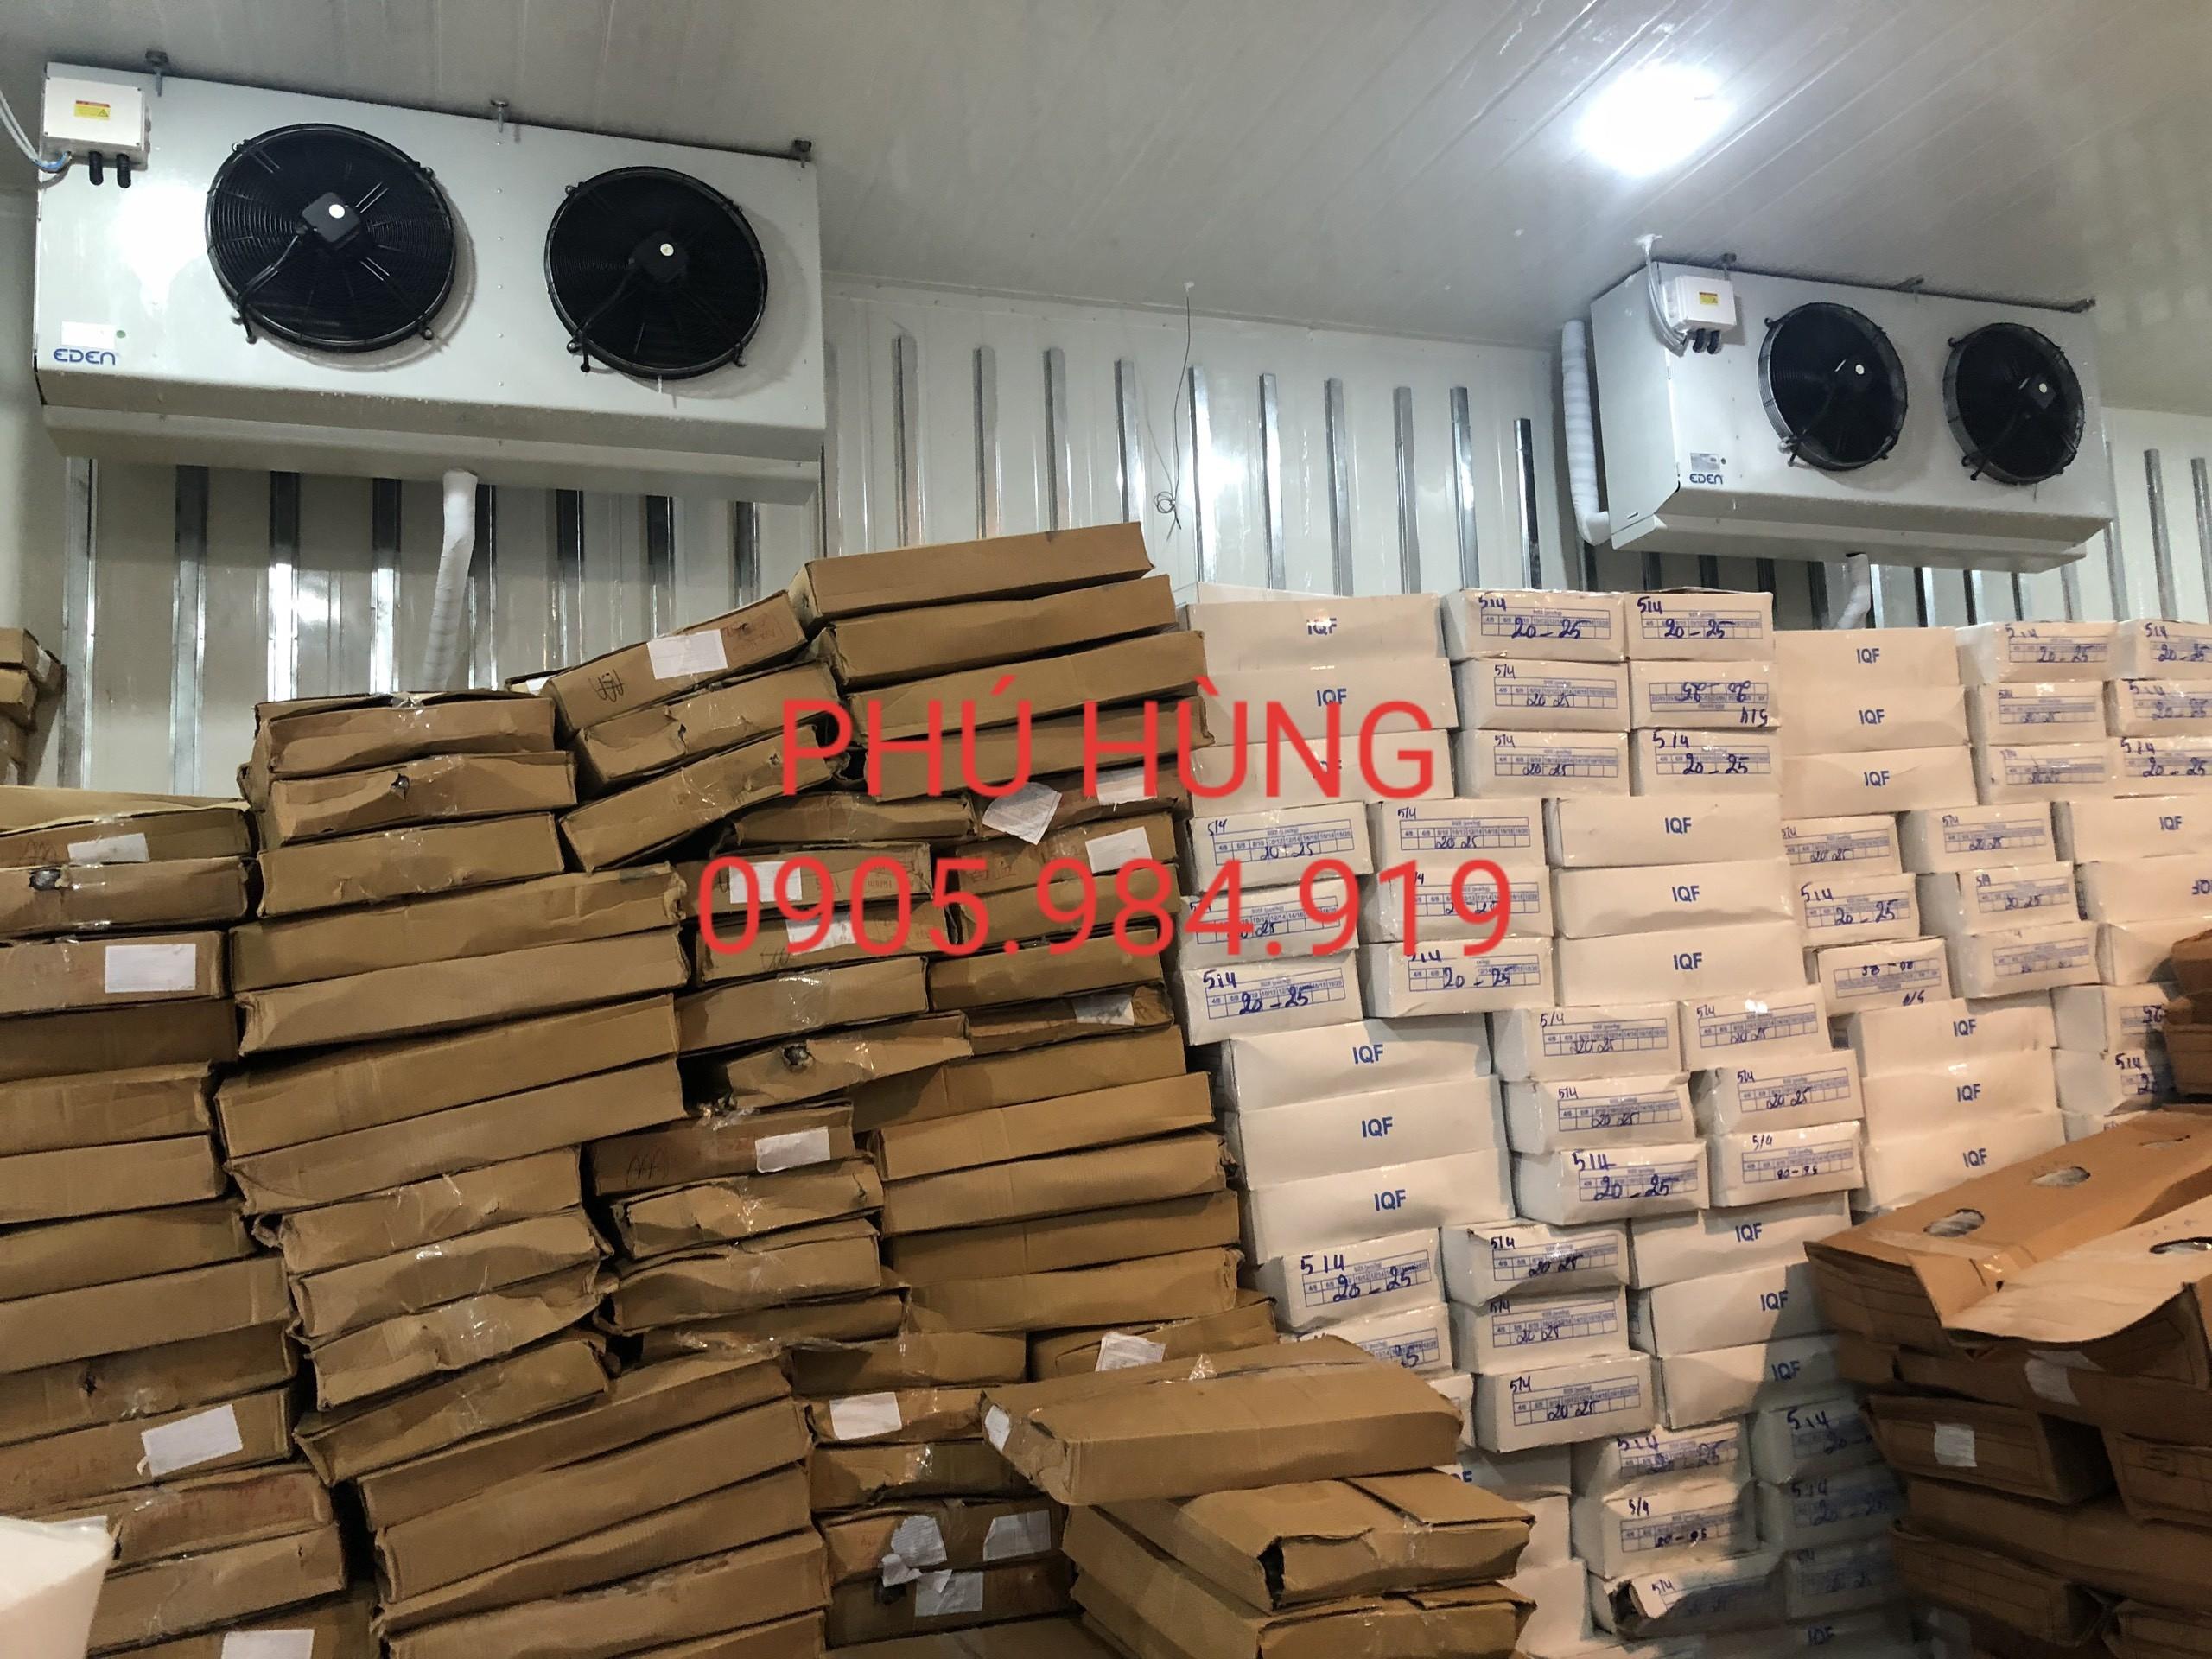 Cung Cấp Lắp Đặt Kho Lạnh Bảo Quản 100 Tấn Cá Đông